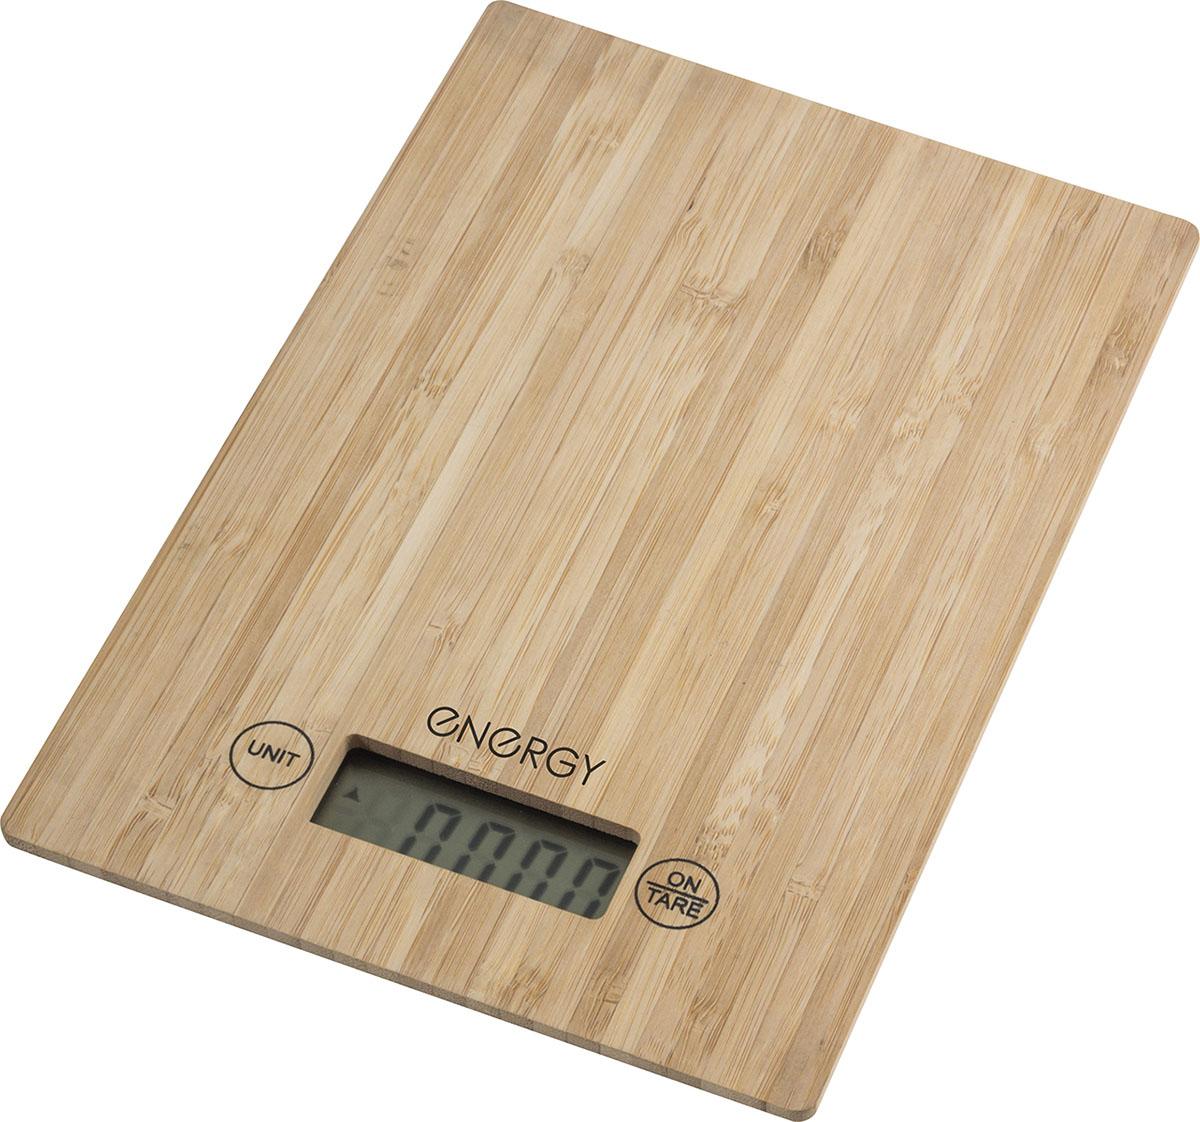 Energy EN-426 кухонные весы54 003039Сенсорное управлениеРабочая поверхность из бамбукаРазмеры весов: 23*16*1.8 смLCD дисплей (черный цифры), размер: 5,9*2 смМаксимальная нагрузка: 5 кгЦена деления: 1 гВыбор единиц измерения: грамм/фунт/ унция/кгАвтоотключениеИндикатор перегрузки и заряда батарейкиФункция ТараПитание от батареек: 2*ААА (входят в комплект)